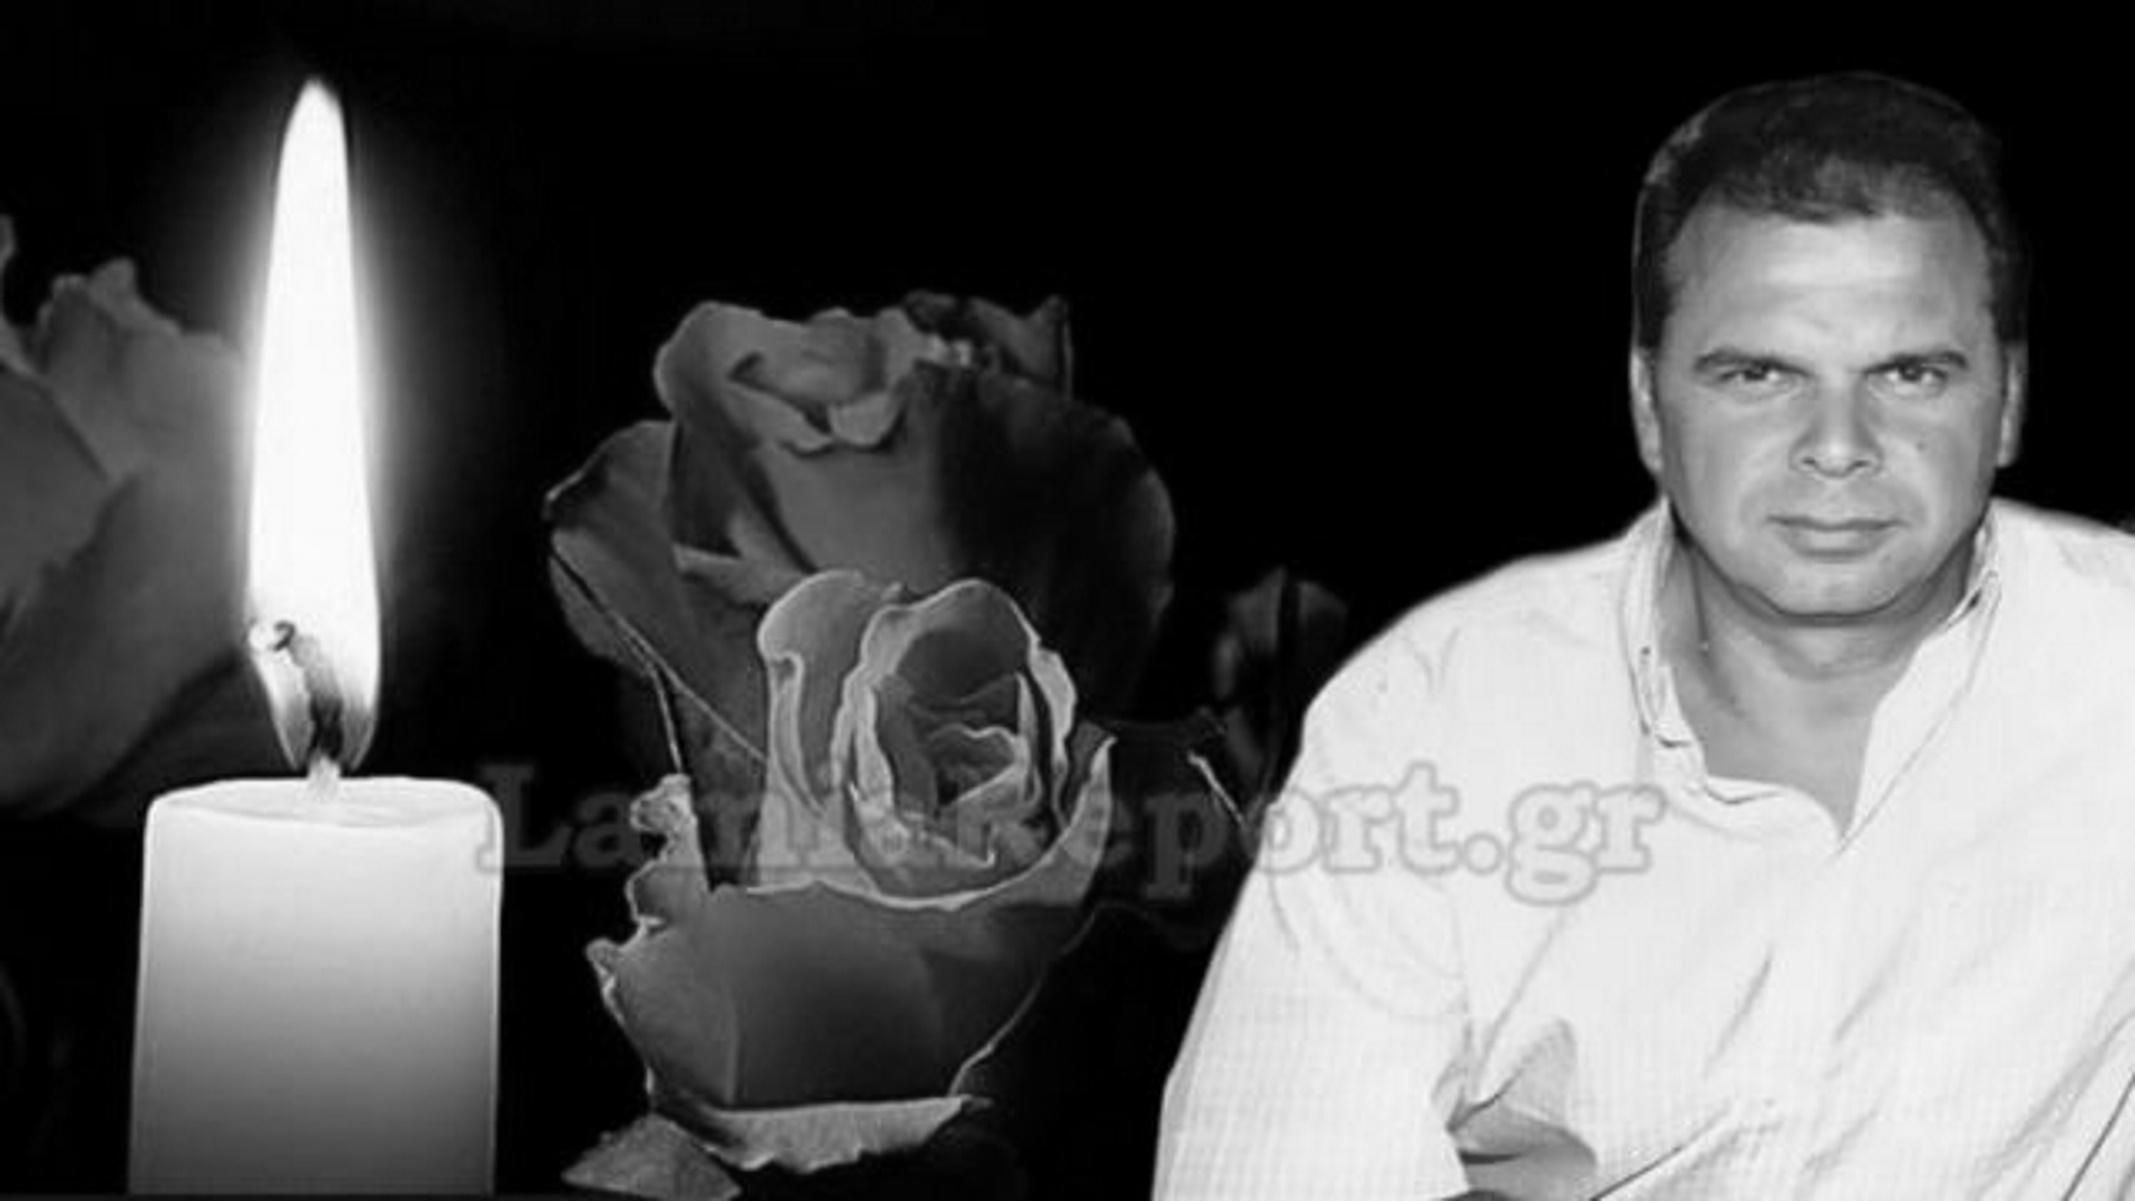 Θρήνος στο Γοργοπόταμο: «Έφυγε» στα 52 ο κοινοτάρχης Δημήτρης Ζαρίκας